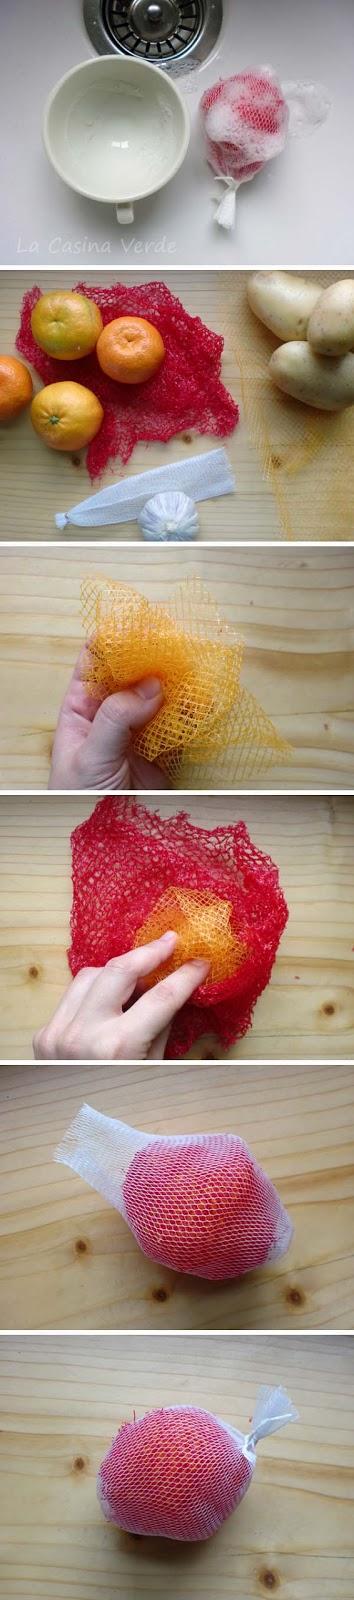 riciclare le retine_spugna piatti